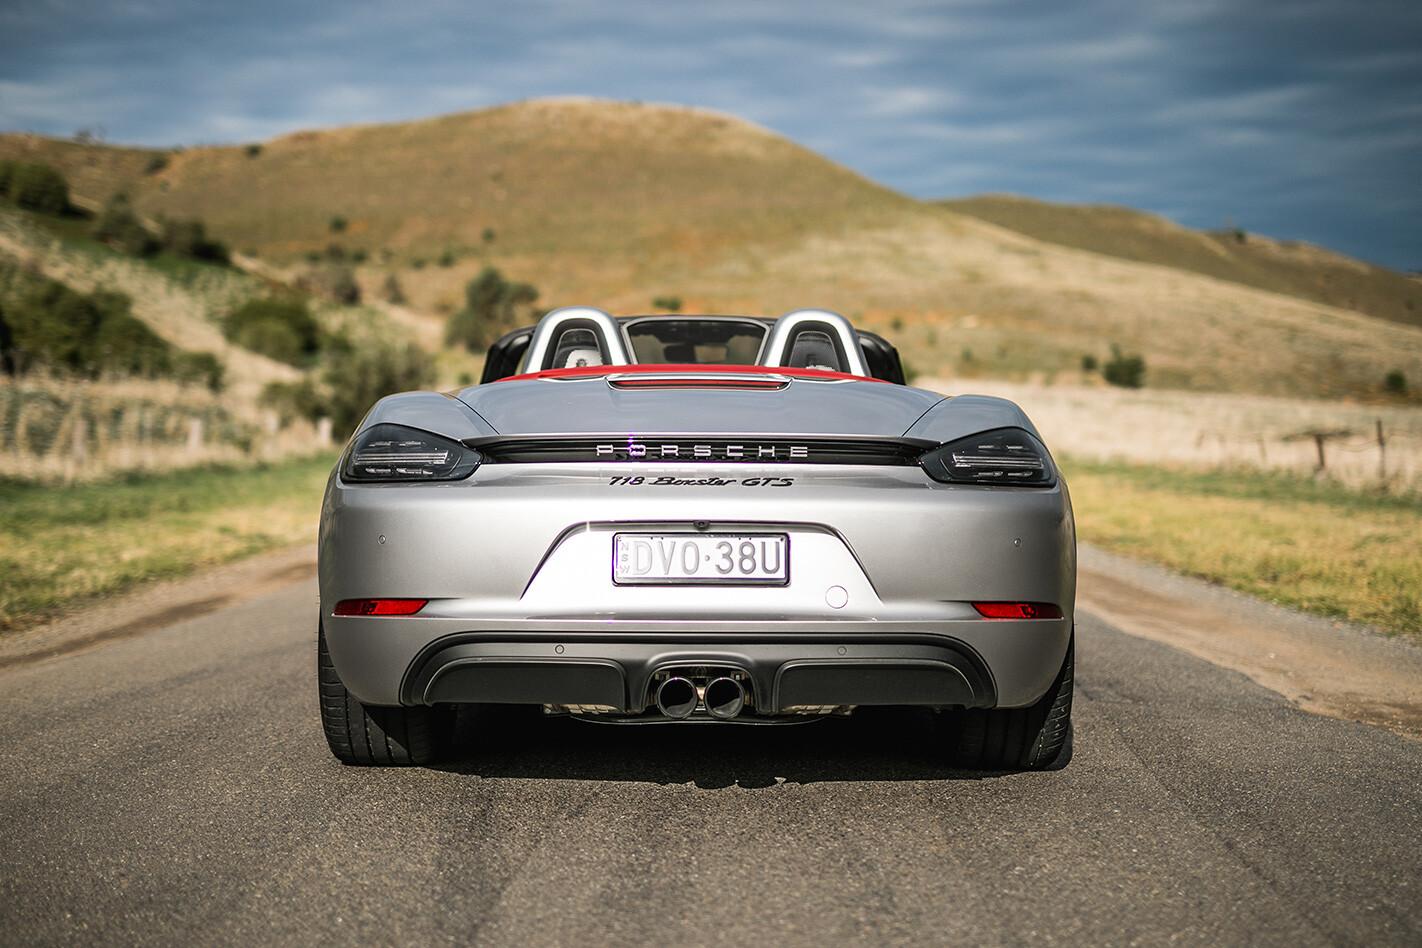 Porsche Boxster Gts Rear Jpg